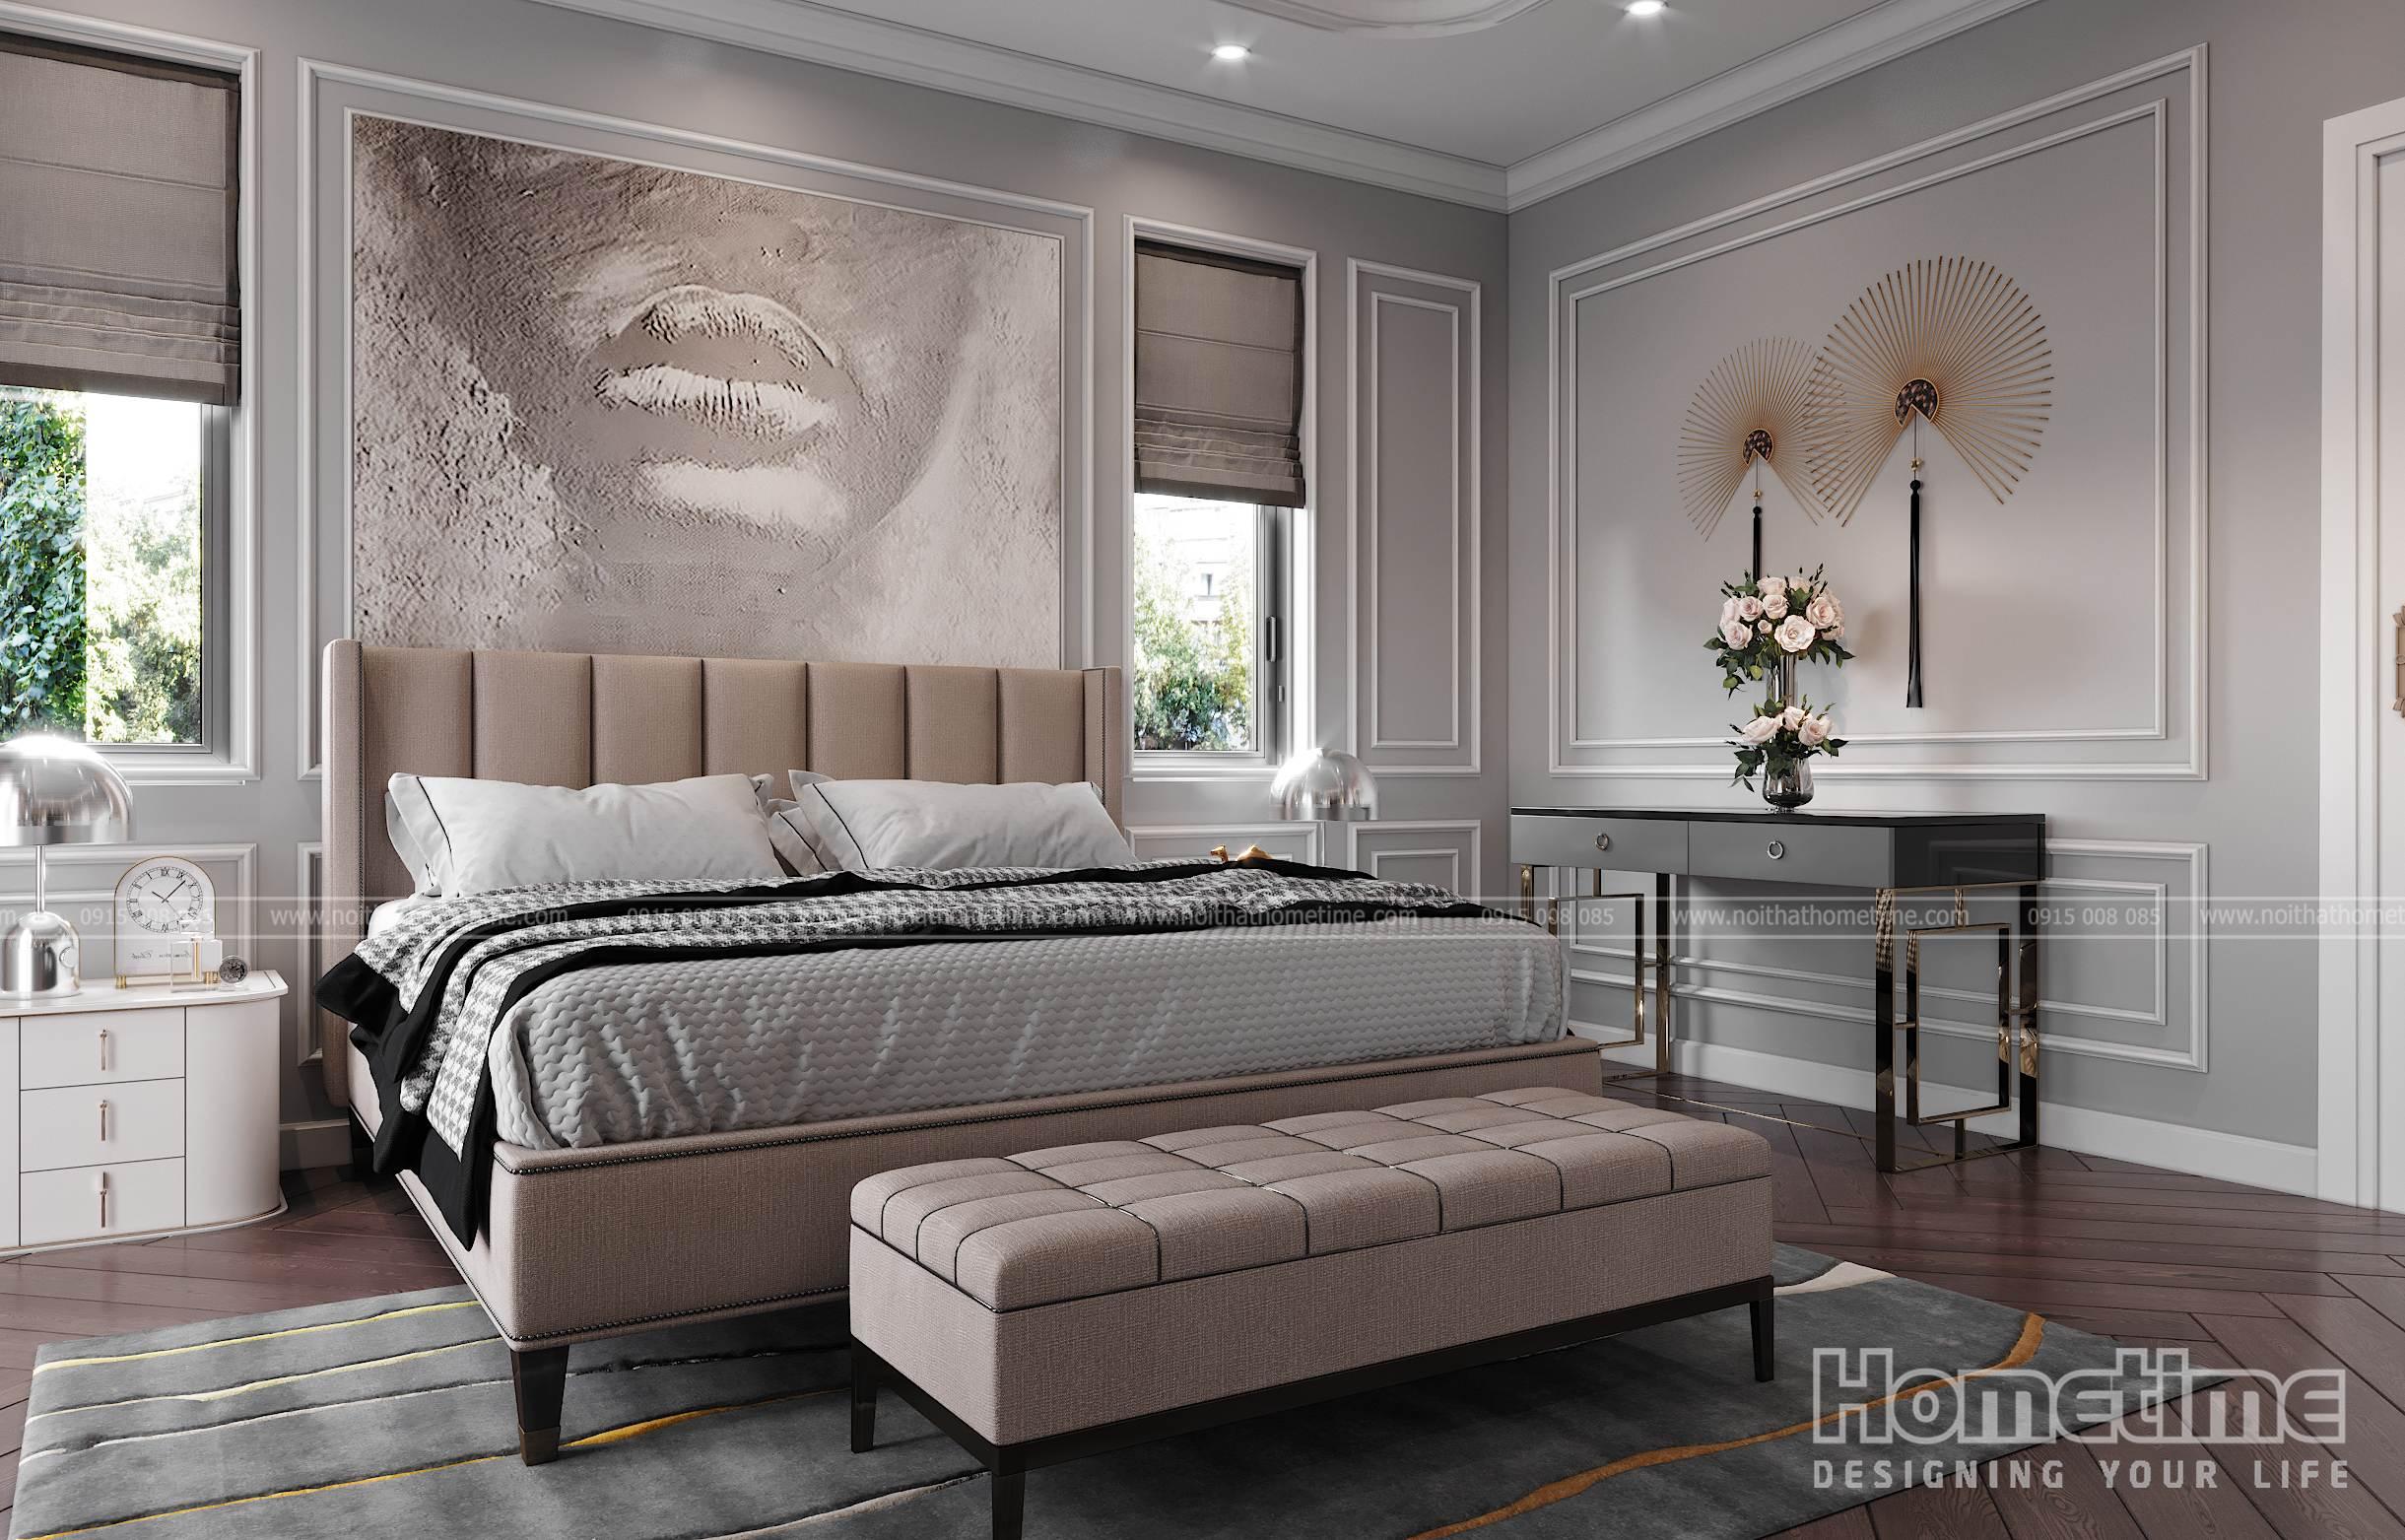 Không gian phòng ngủ được thiết kế đầy đủ tiện nghi